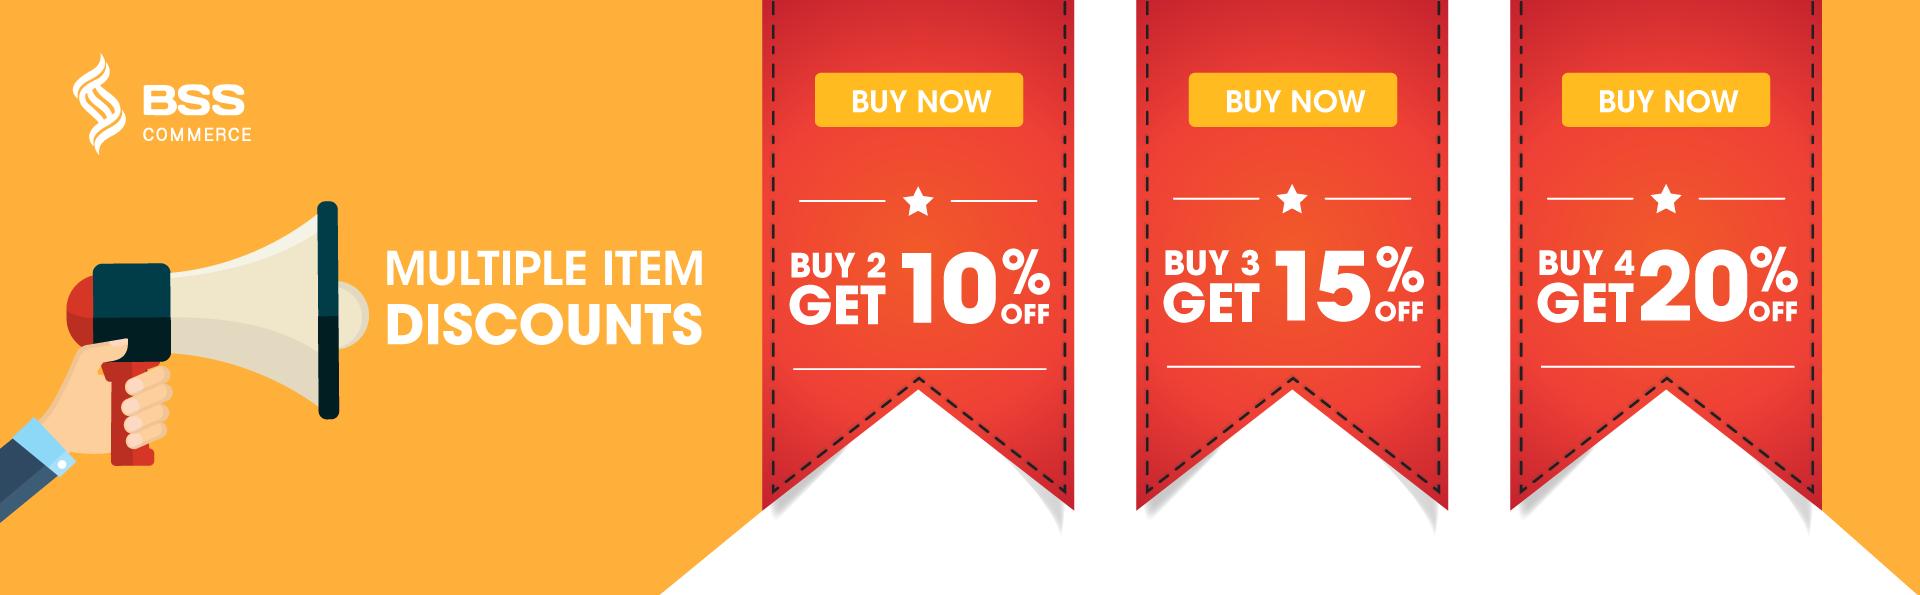 multiple item discount